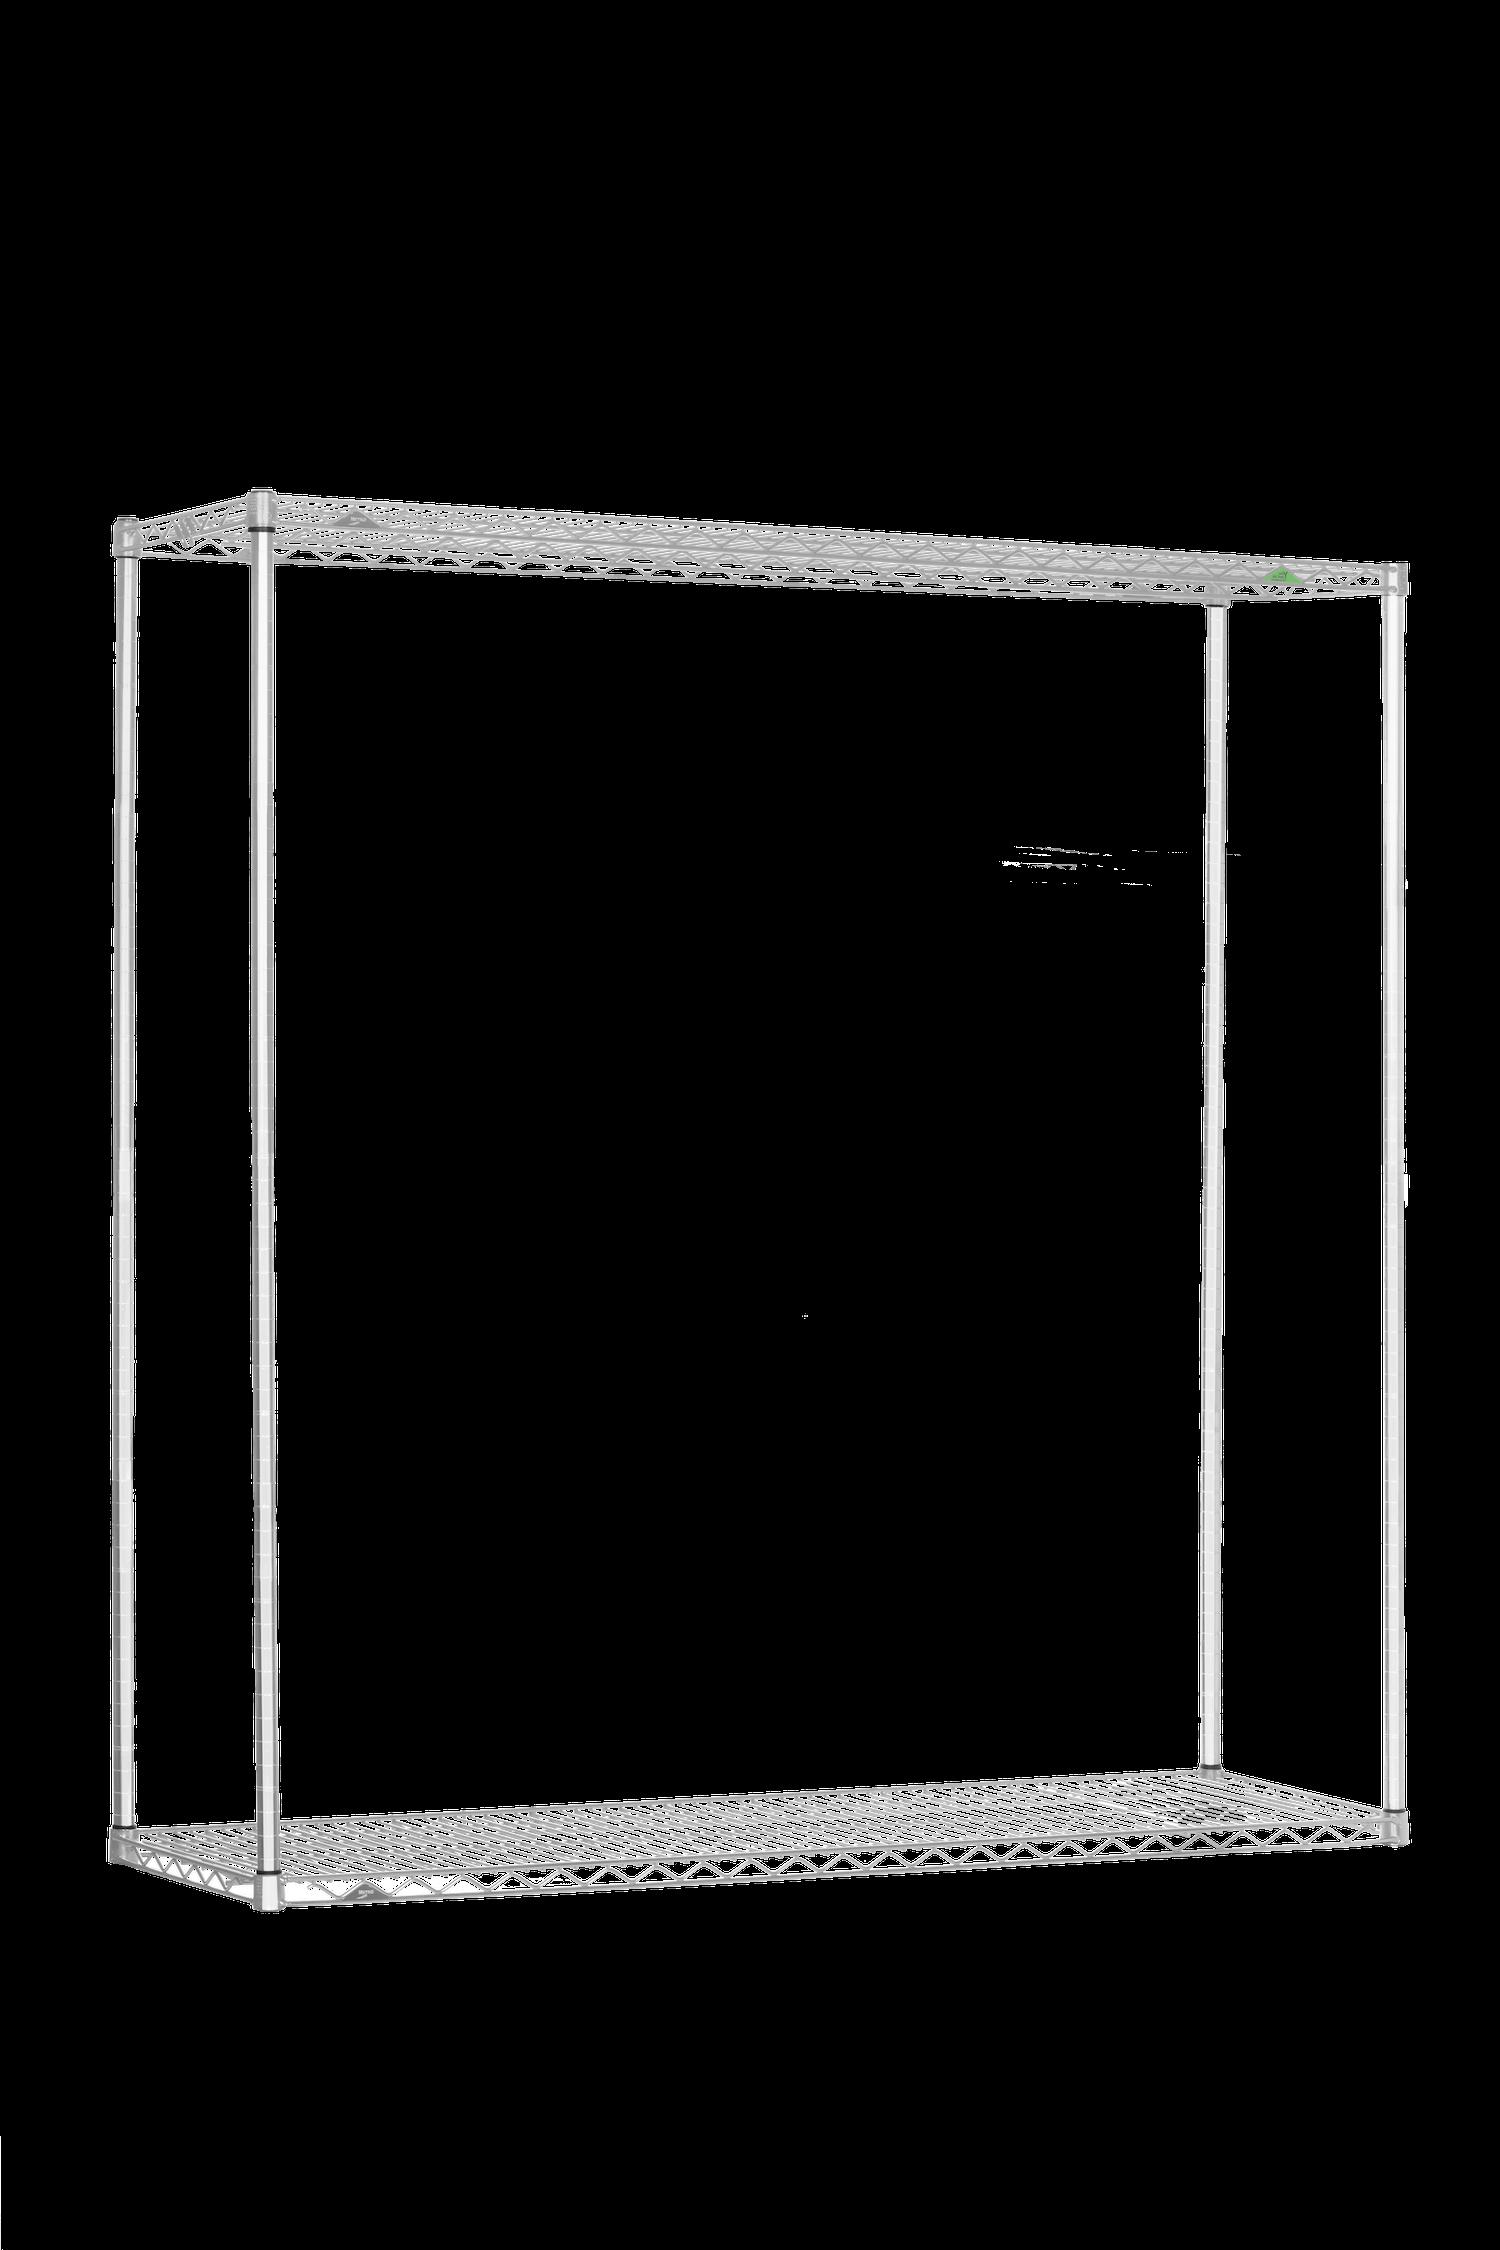 457x760mm, 18x30 inch